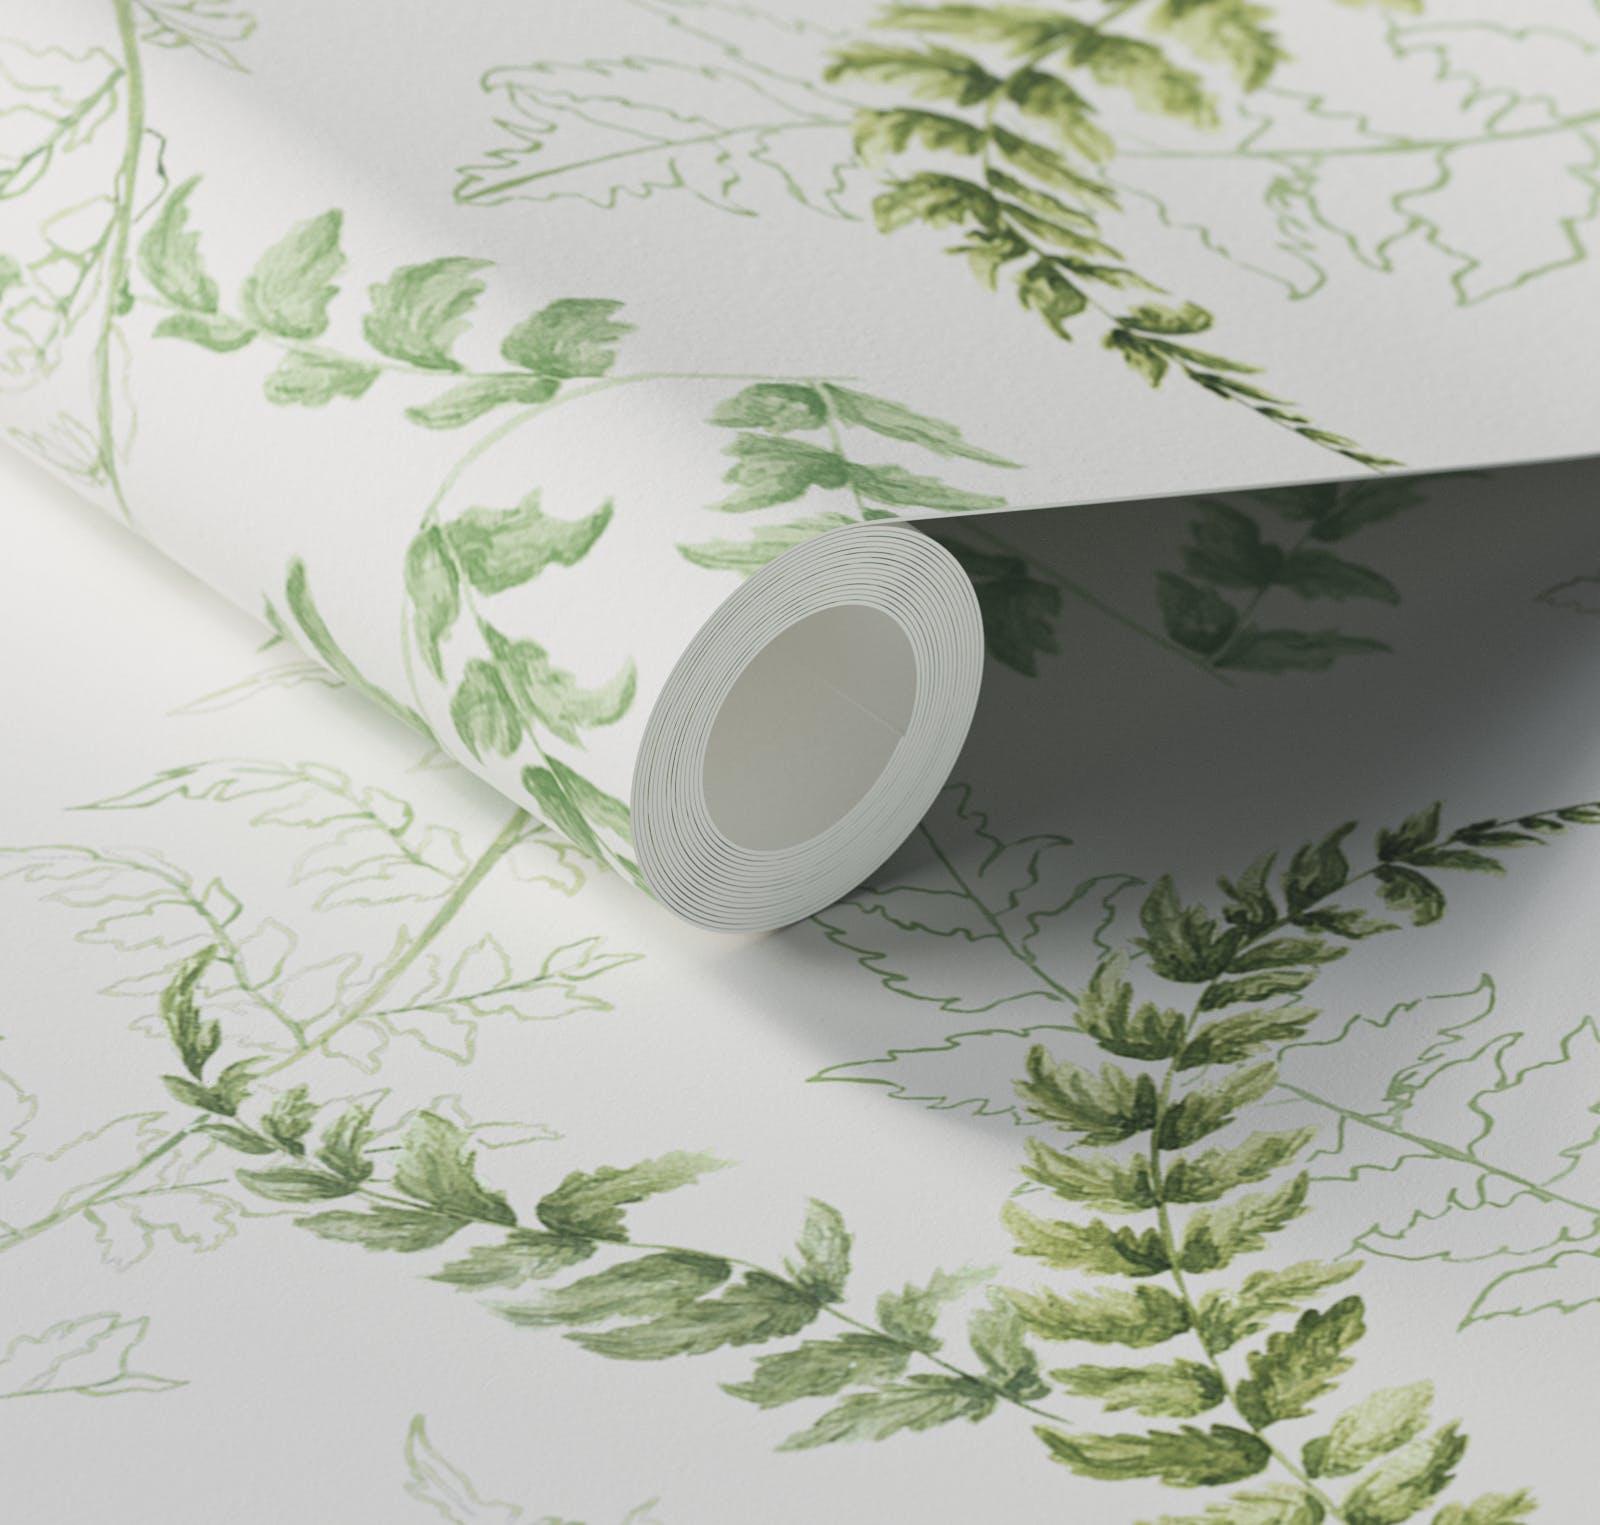 Close up of Lick x Jenna Hewitt Fern 01 green botanical wallpaper